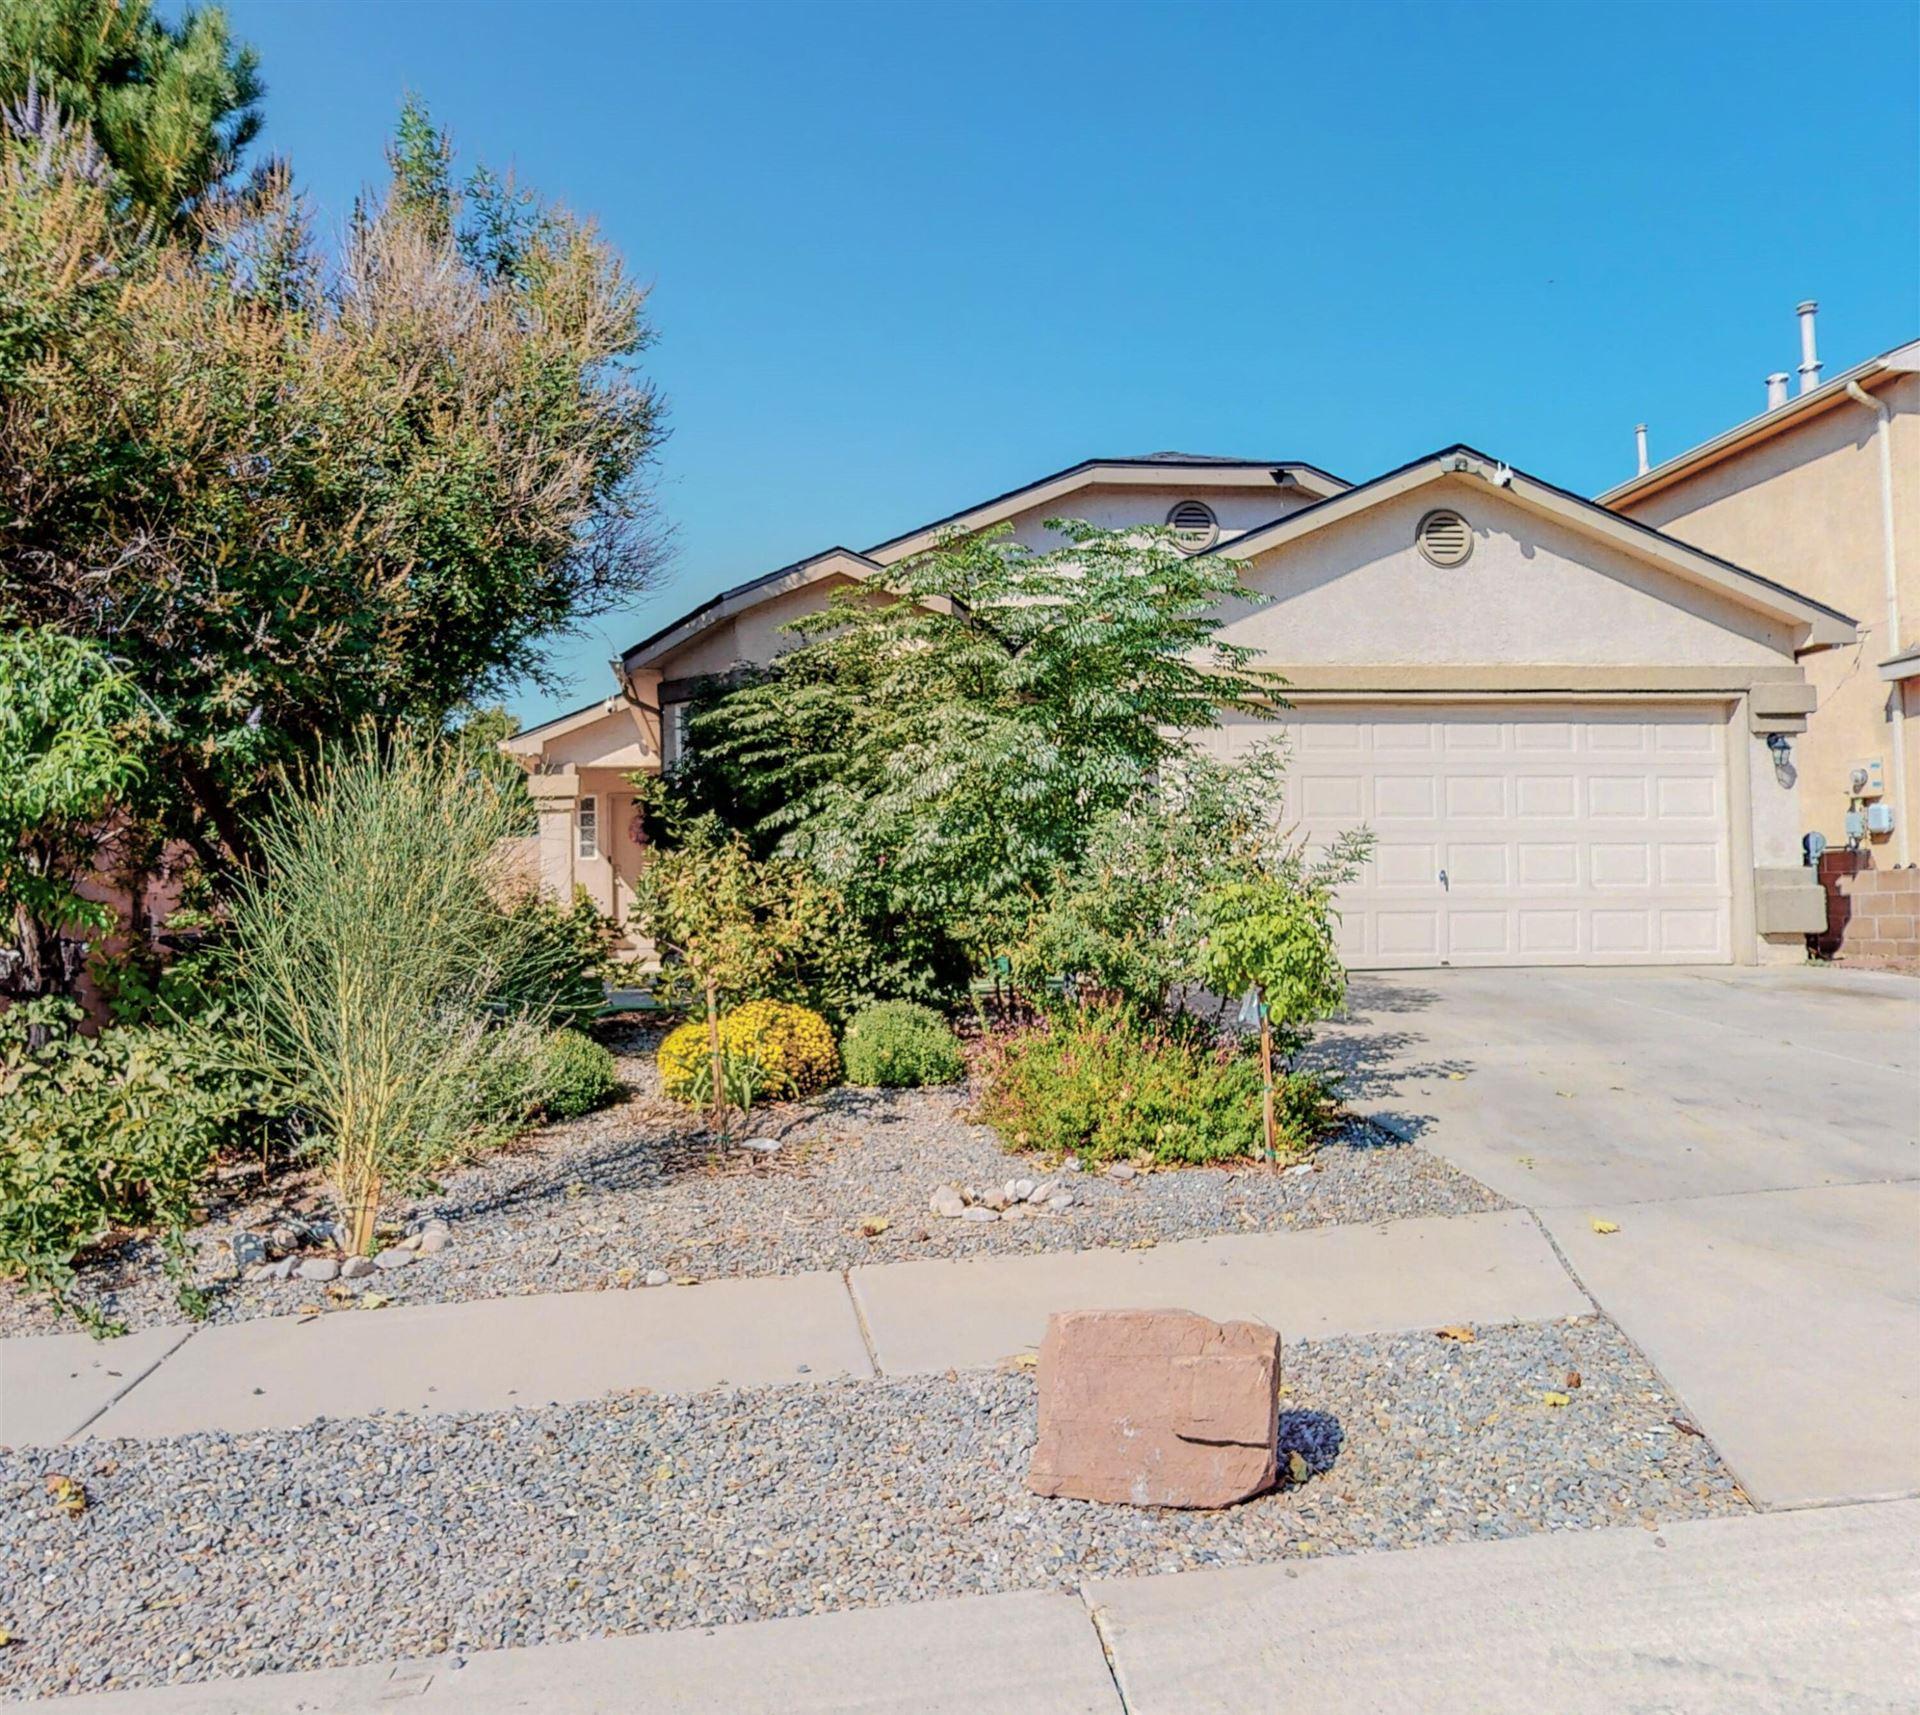 2305 Meadow Gate Trail SW, Albuquerque, NM 87121 - #: 1001277